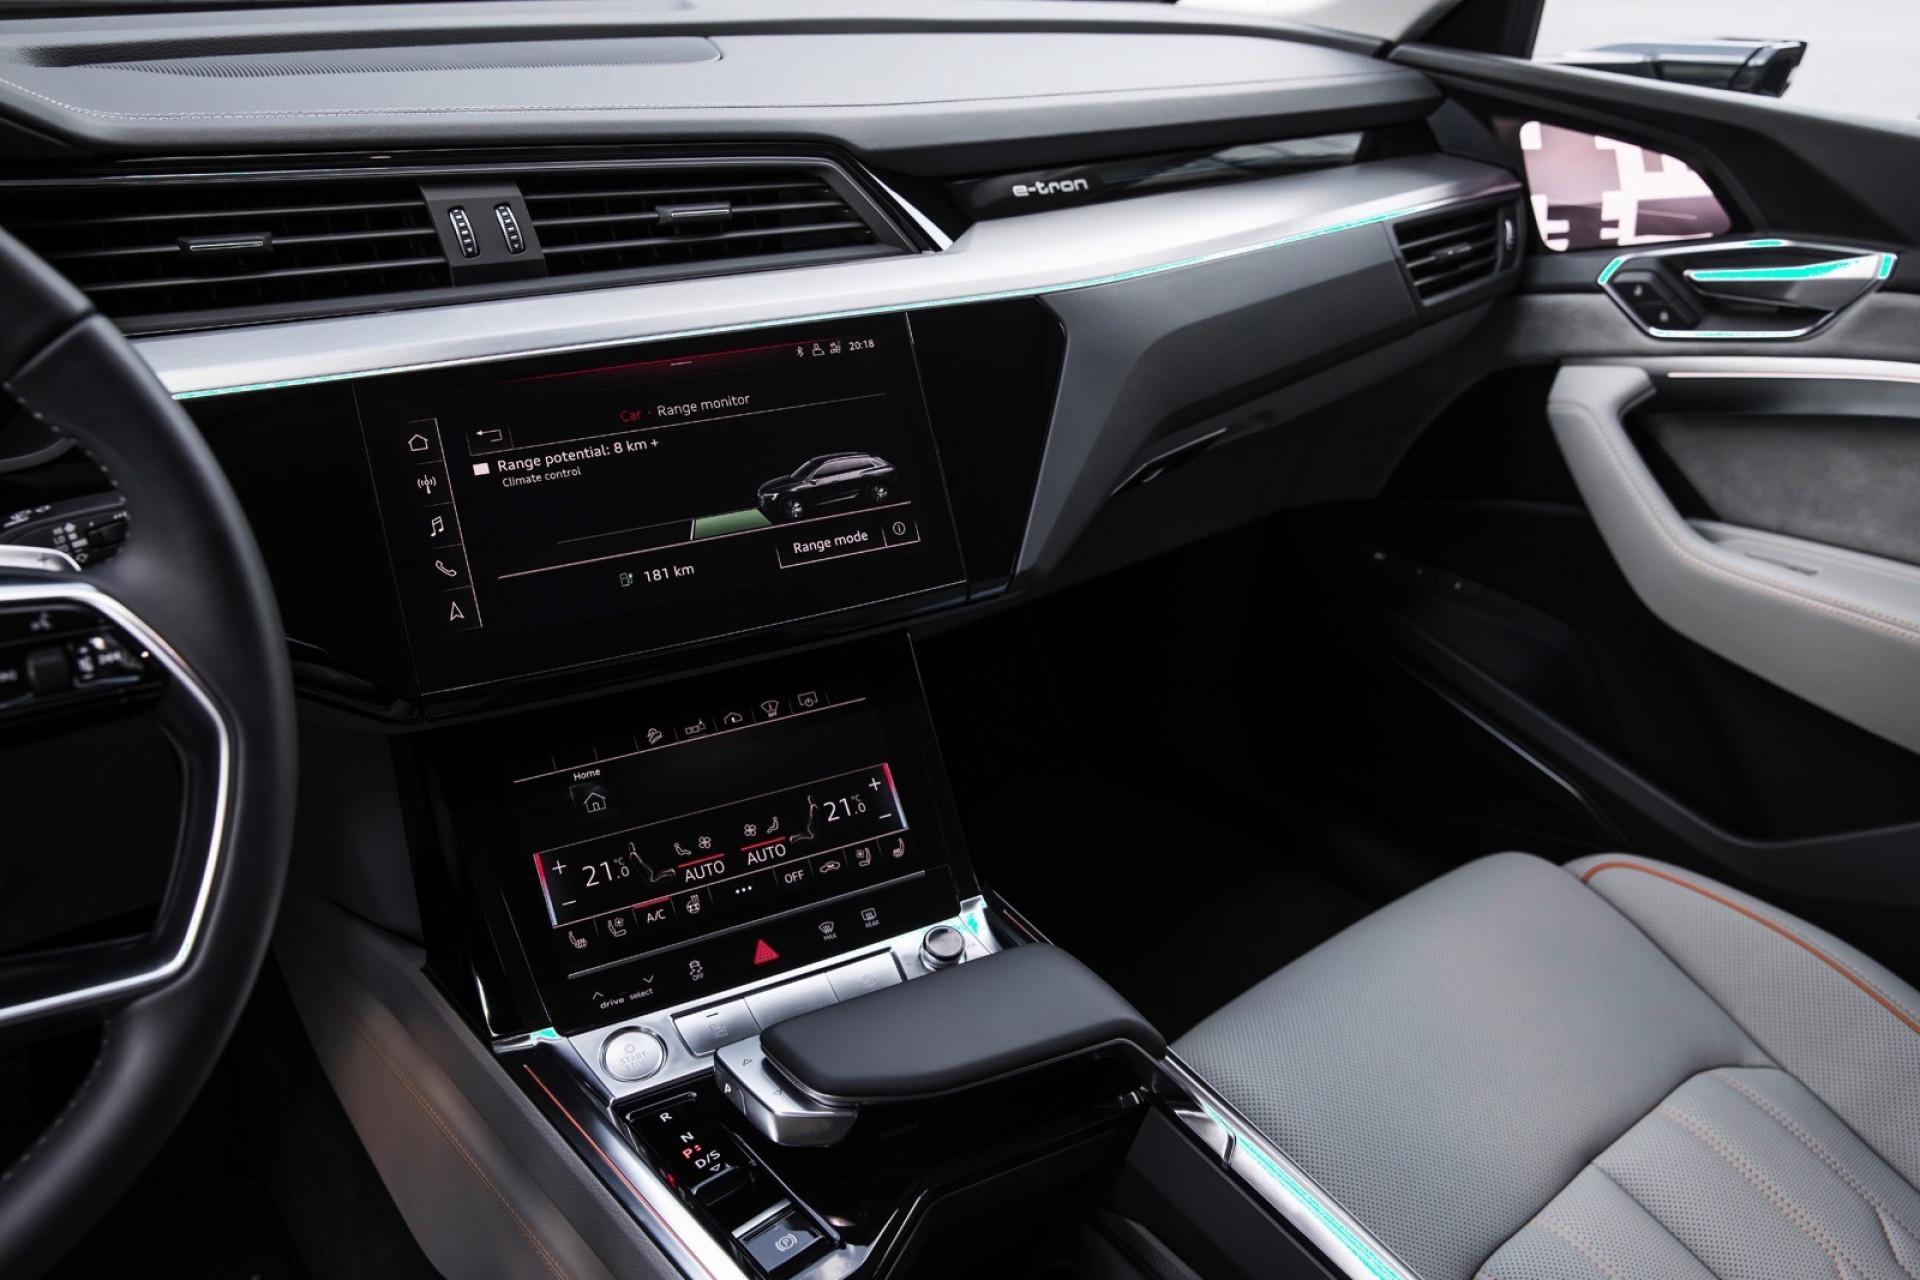 Audi mostra-lhe o interior do seu carro elétrico